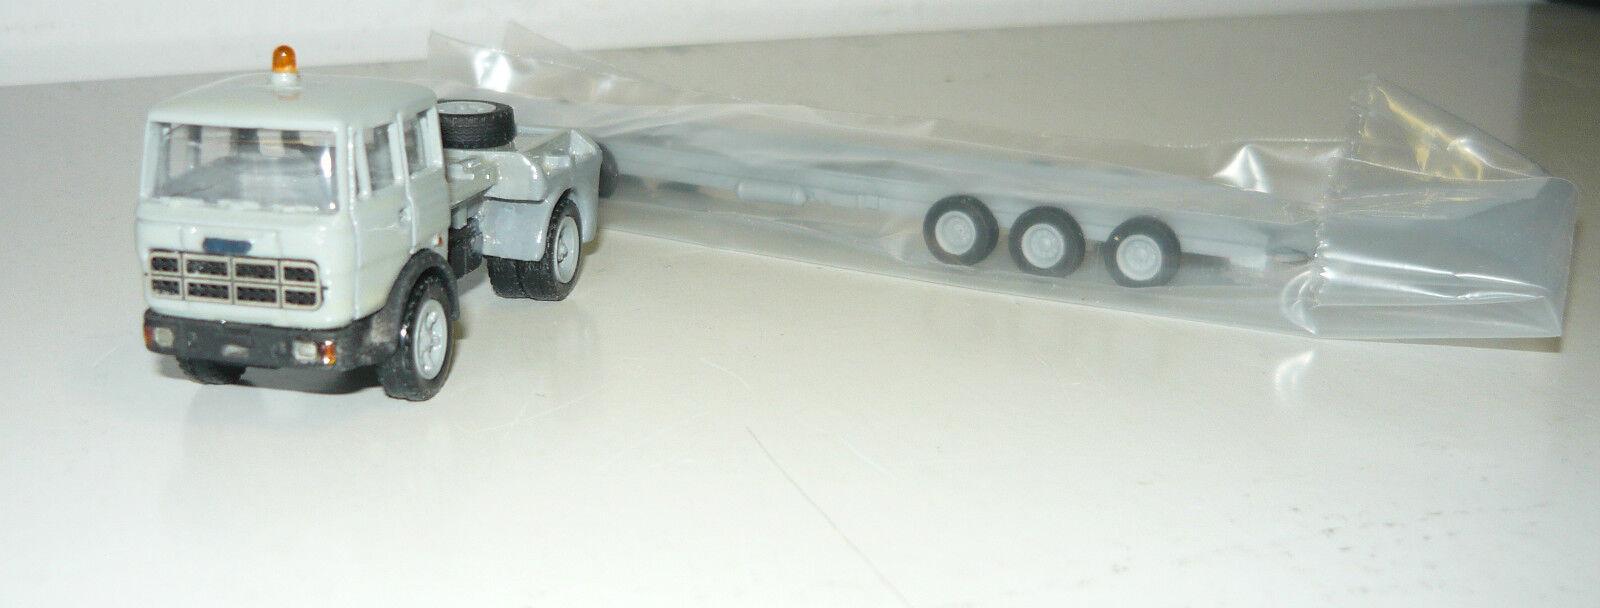 Ninive 38/h trattore con strade Roller, 1/87, neu&ovp